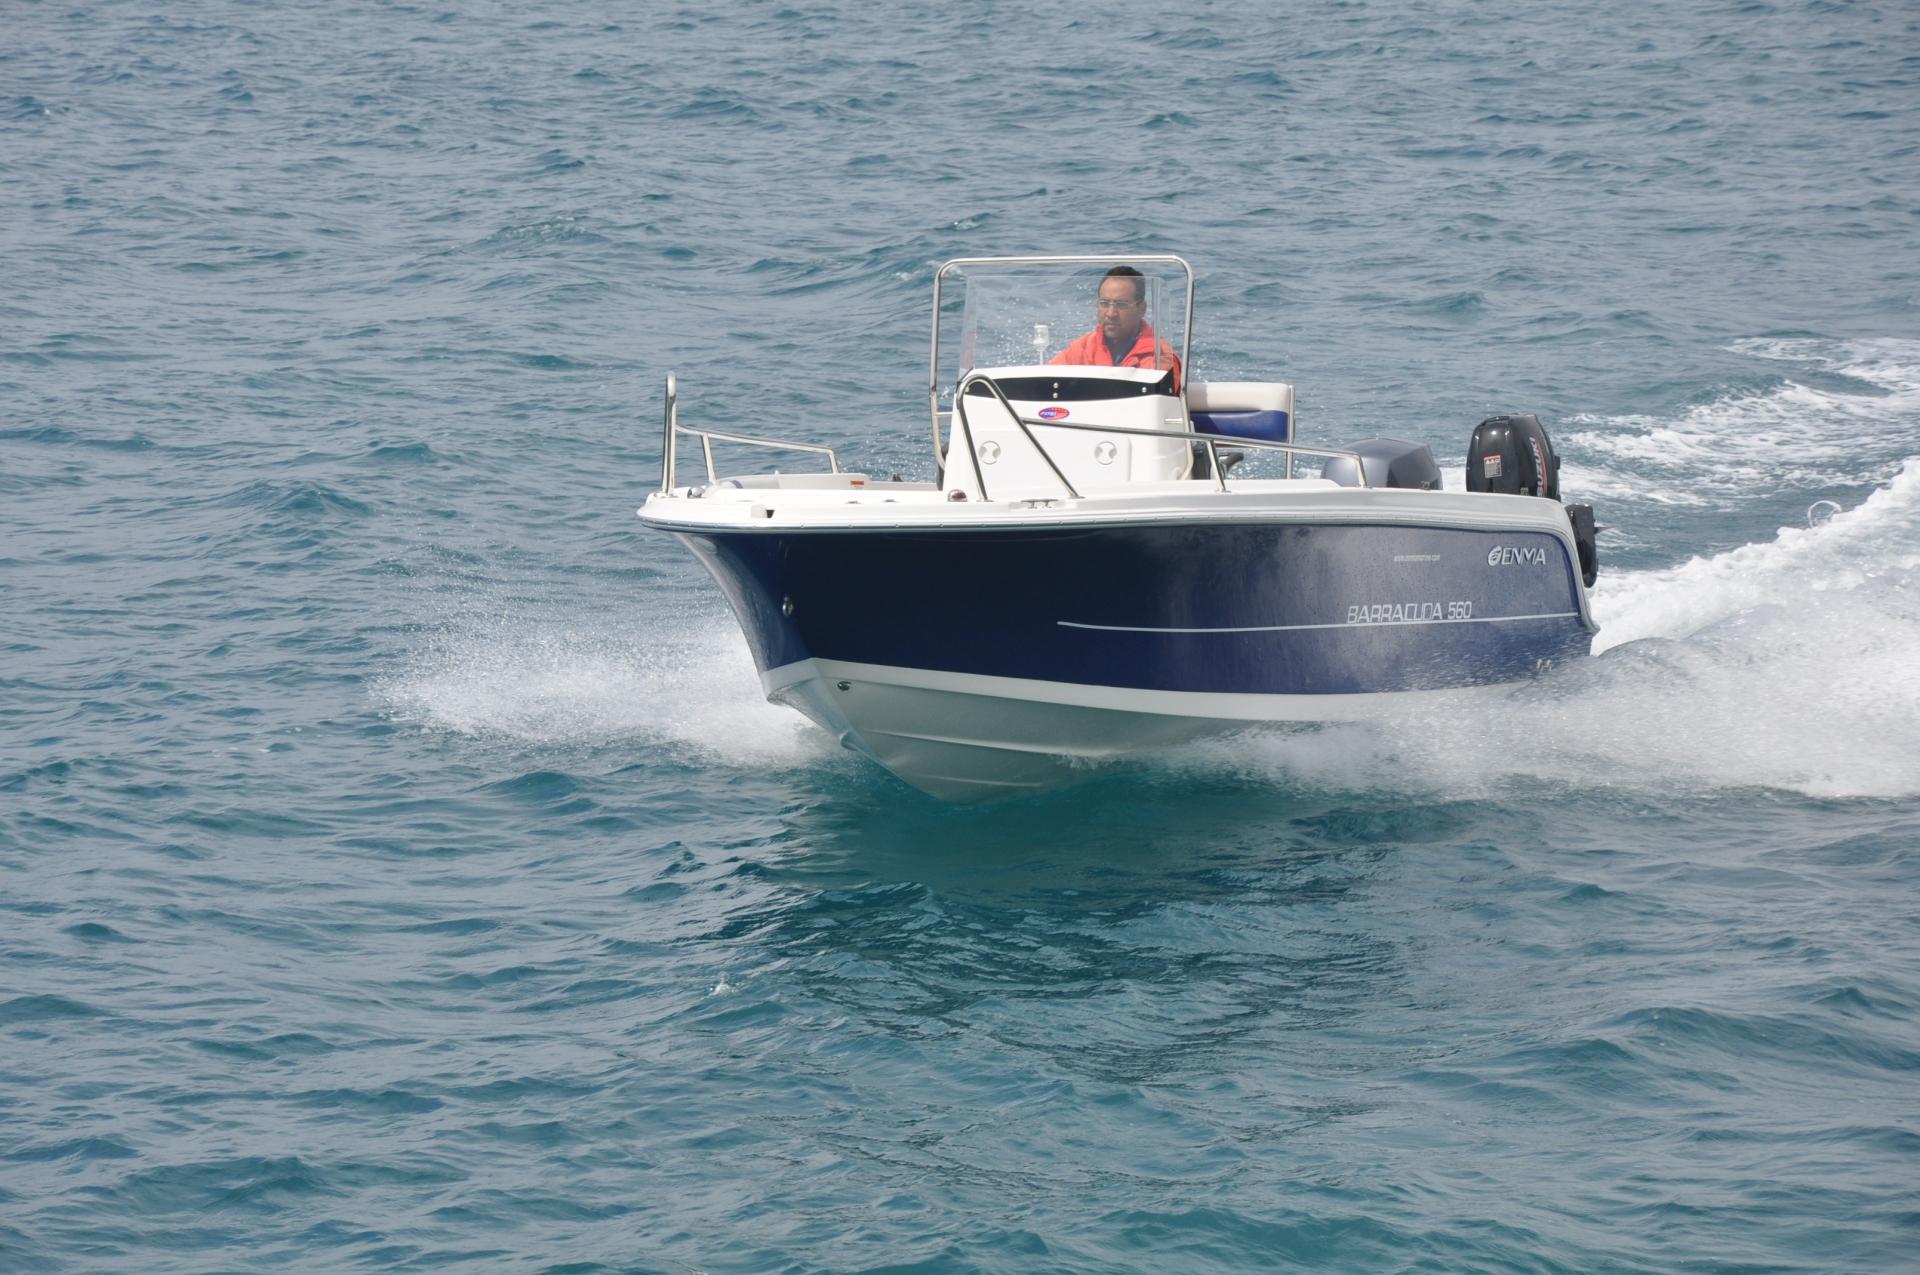 enma 560 barracuda enma marine